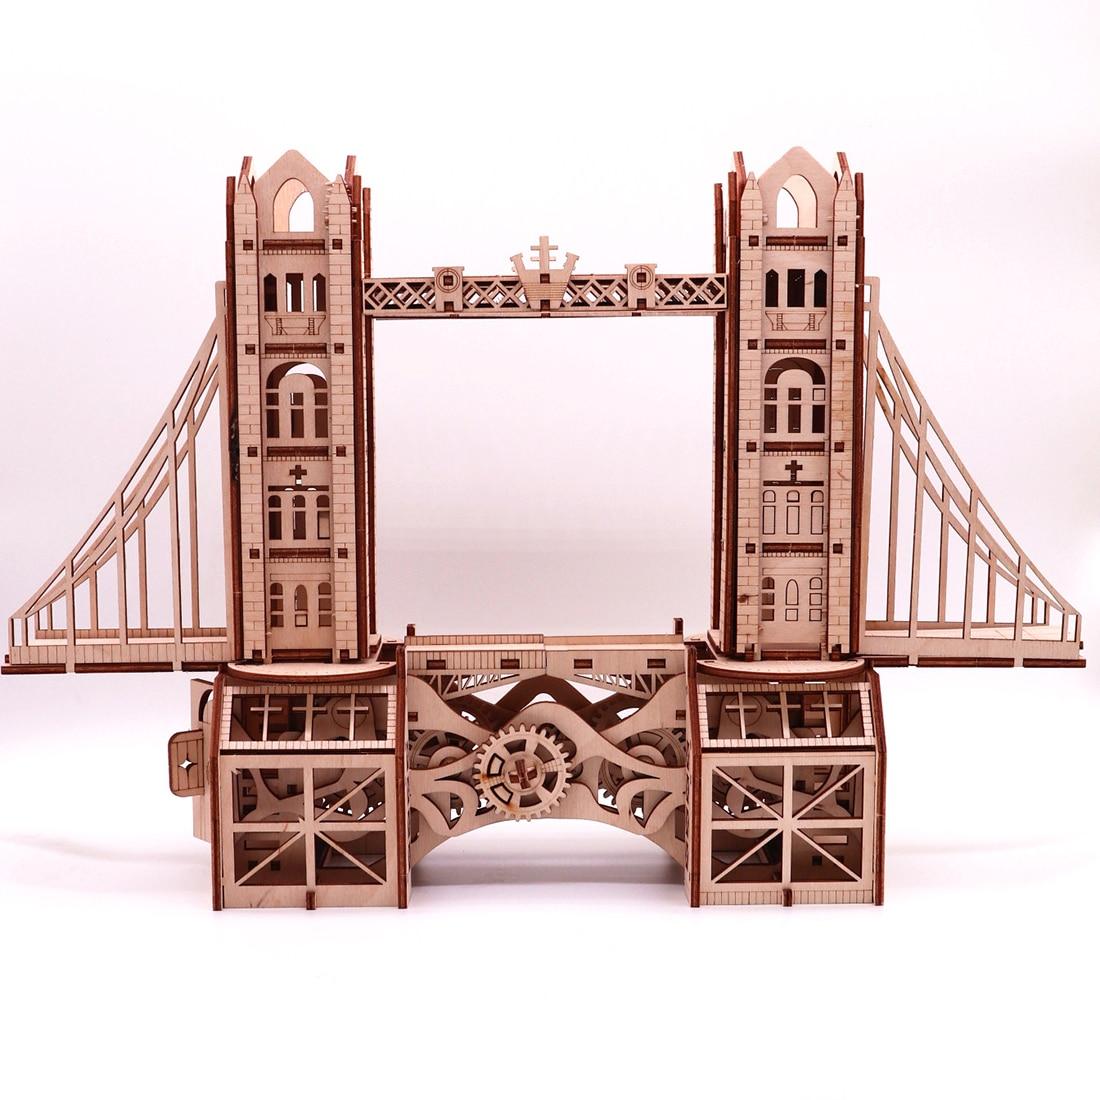 Двойной цилиндр Стирлинг Модель двигателя наборы физика научный эксперимент DIY Модели Строительные наборы игрушки для детей - 2